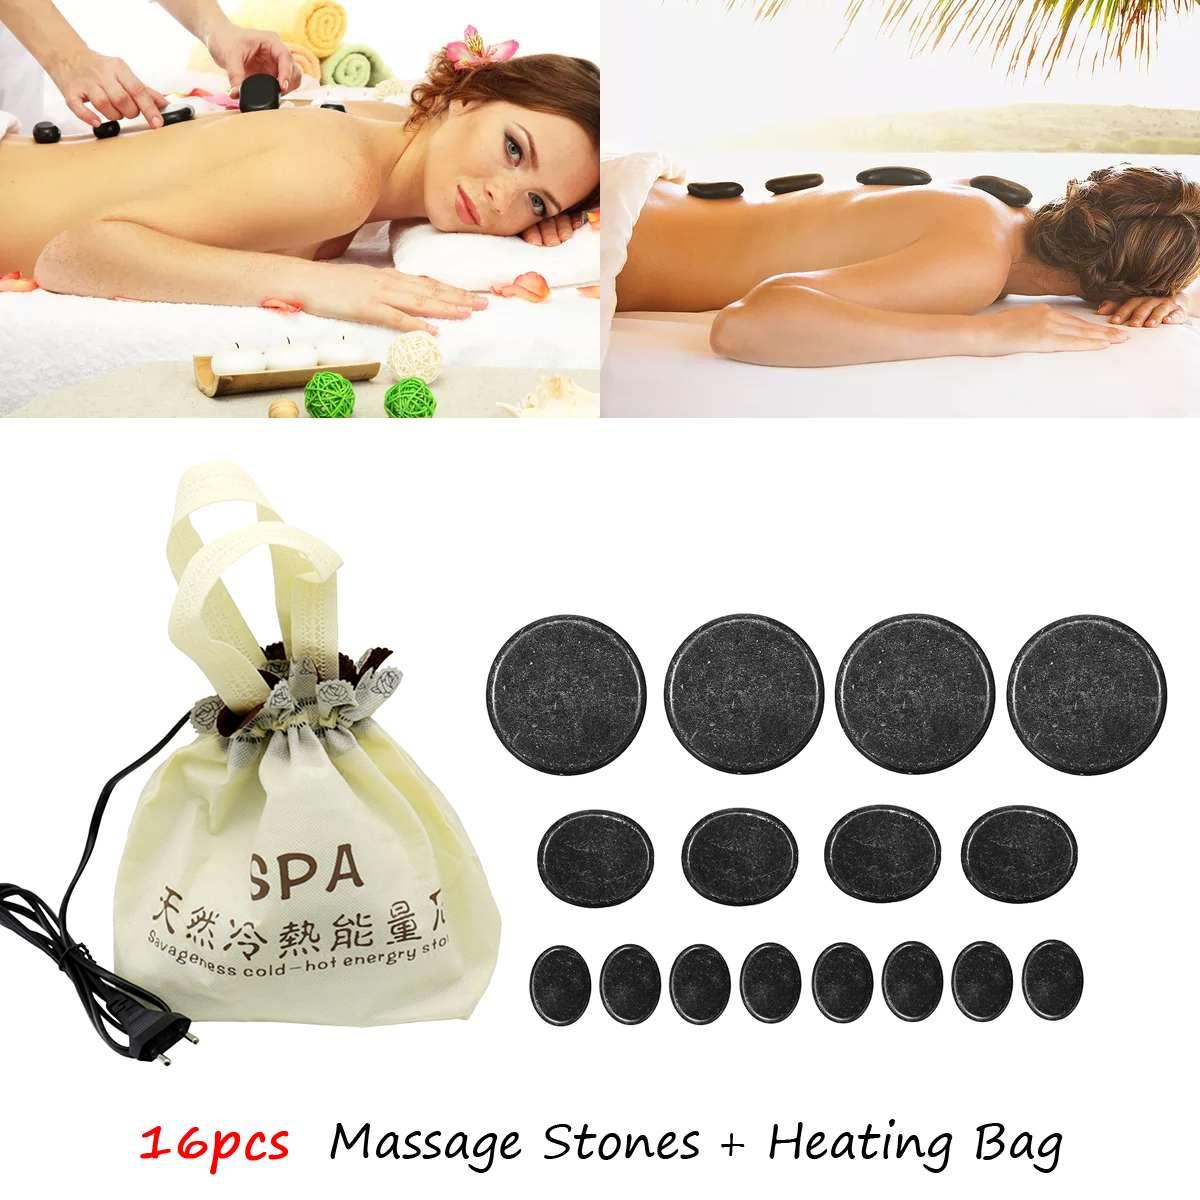 16 шт. горячий камень массаж Лава натуральные энергетические камни для спа массажа набор камни для спа рок с нагревателем мешок 220 в EU Plug